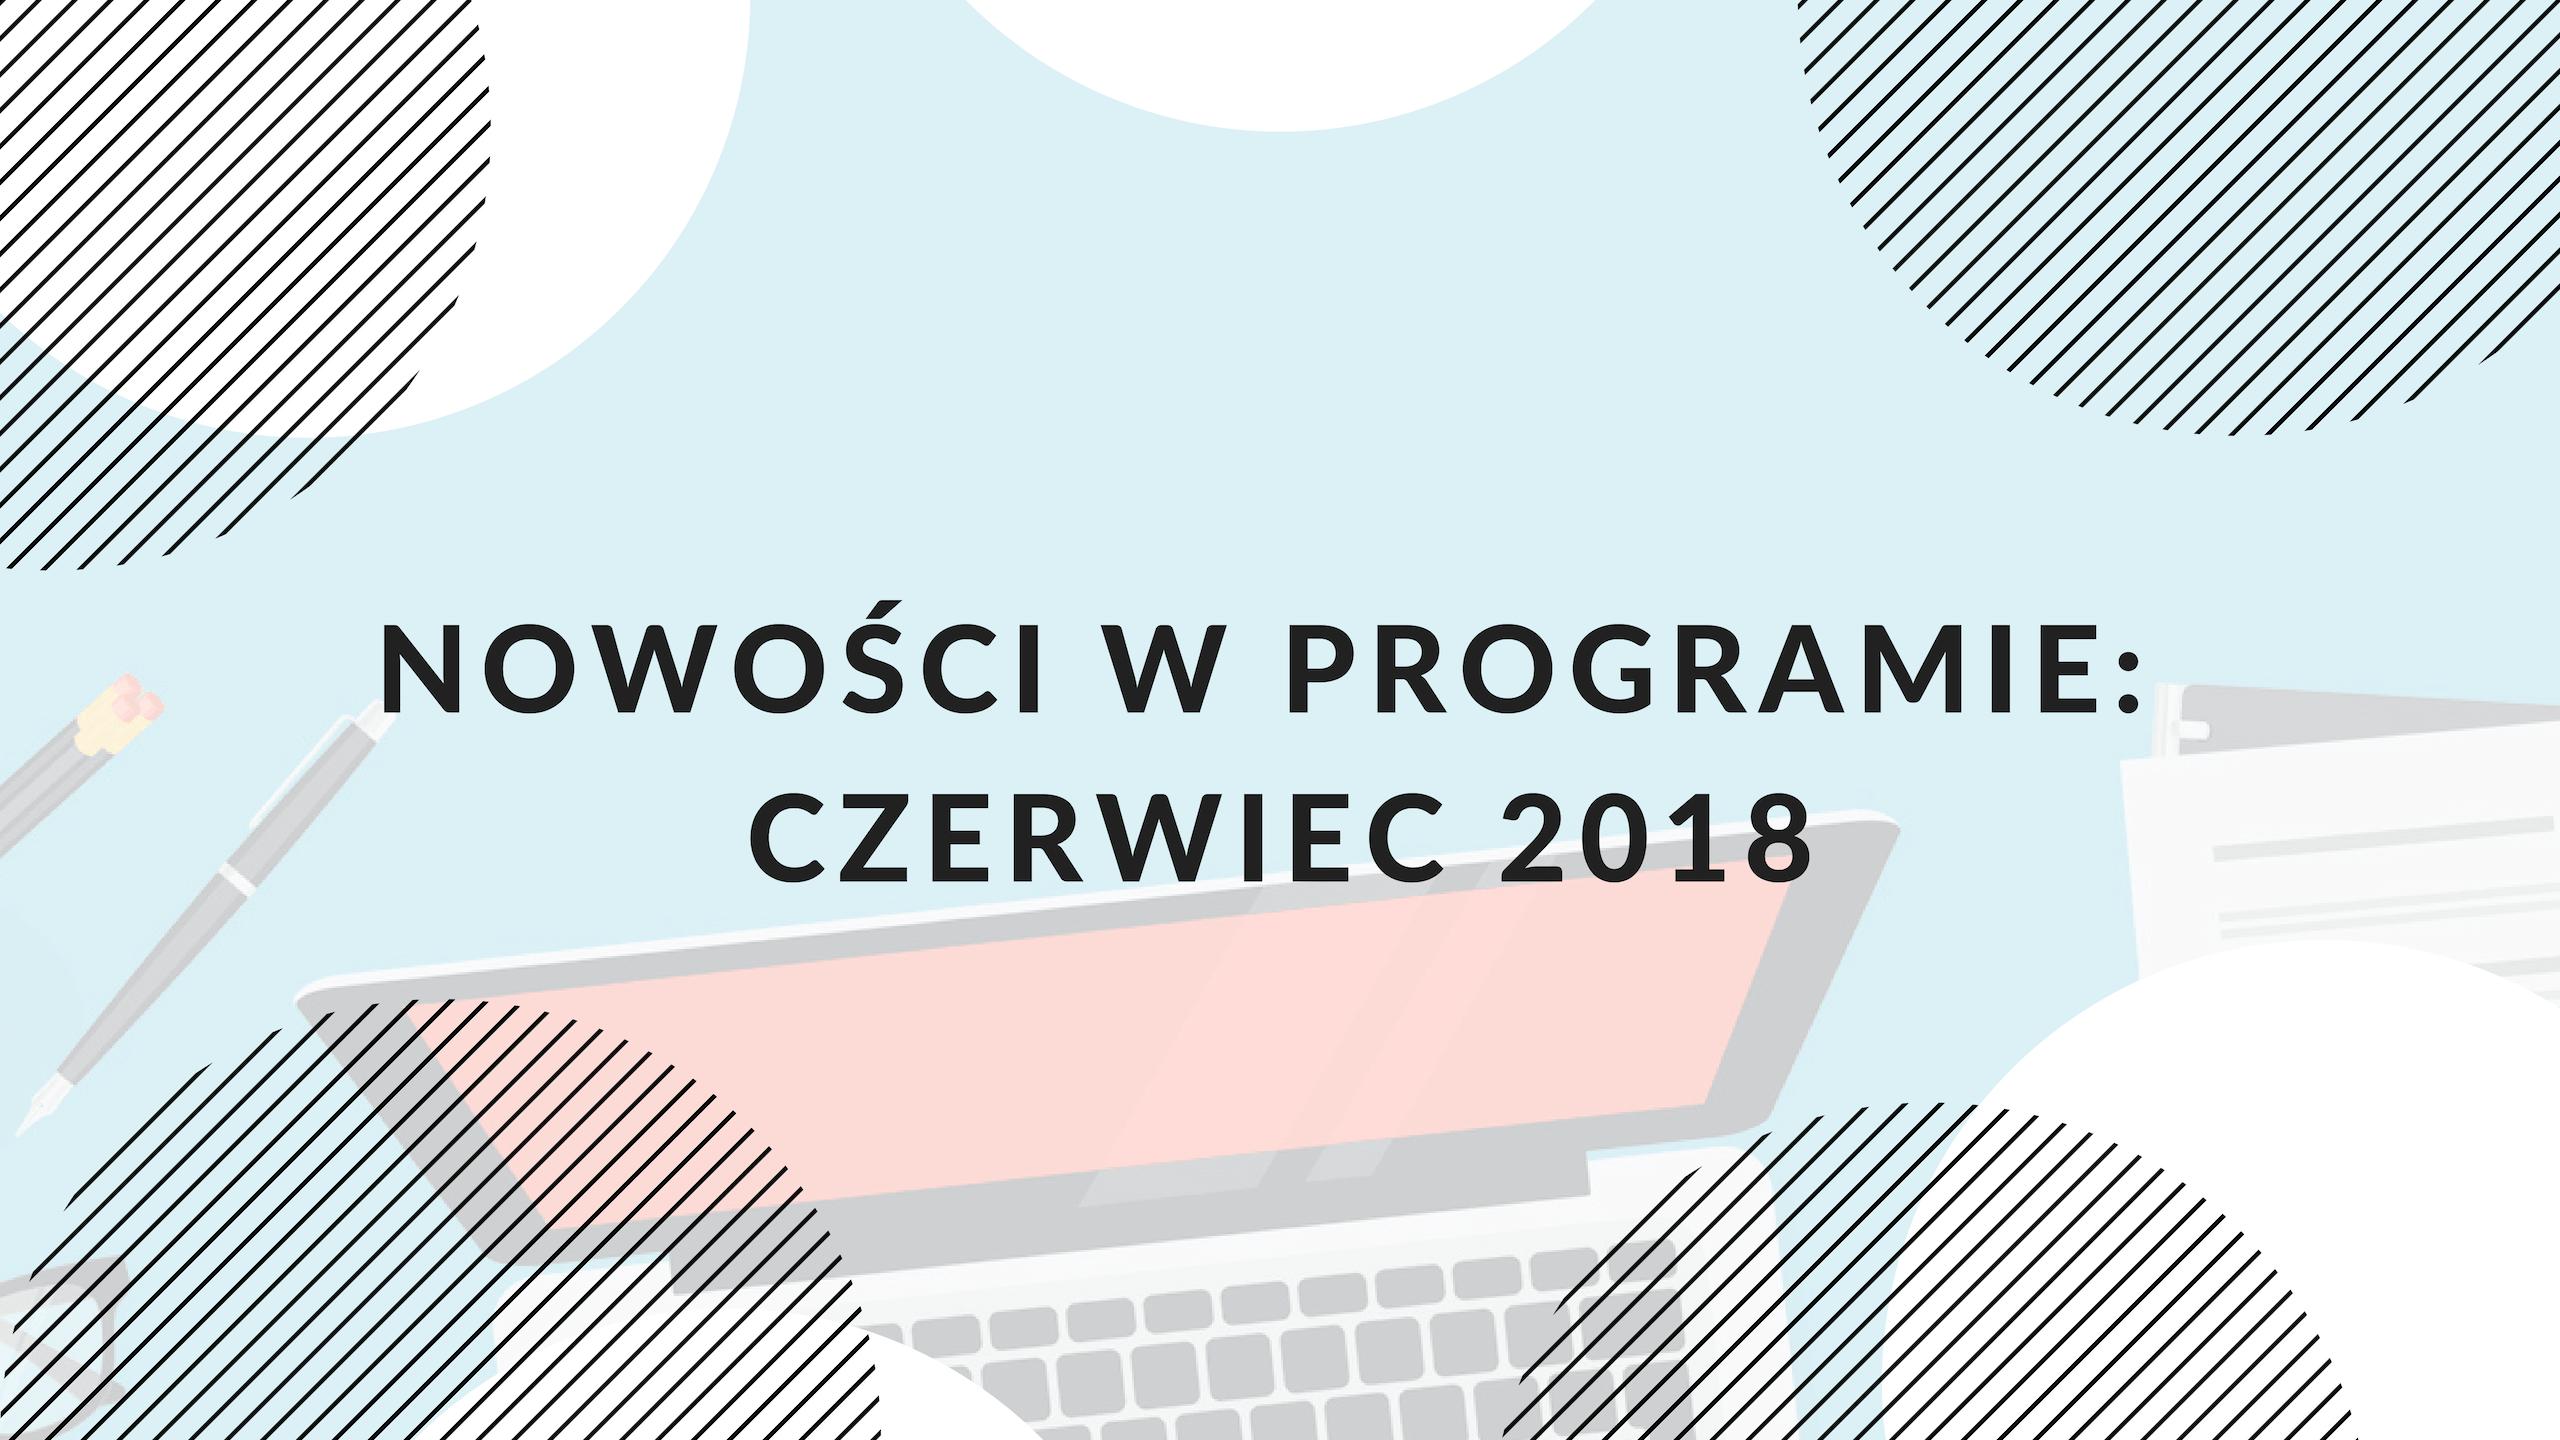 Nowe funkcjonalności w programie: czerwiec 2018